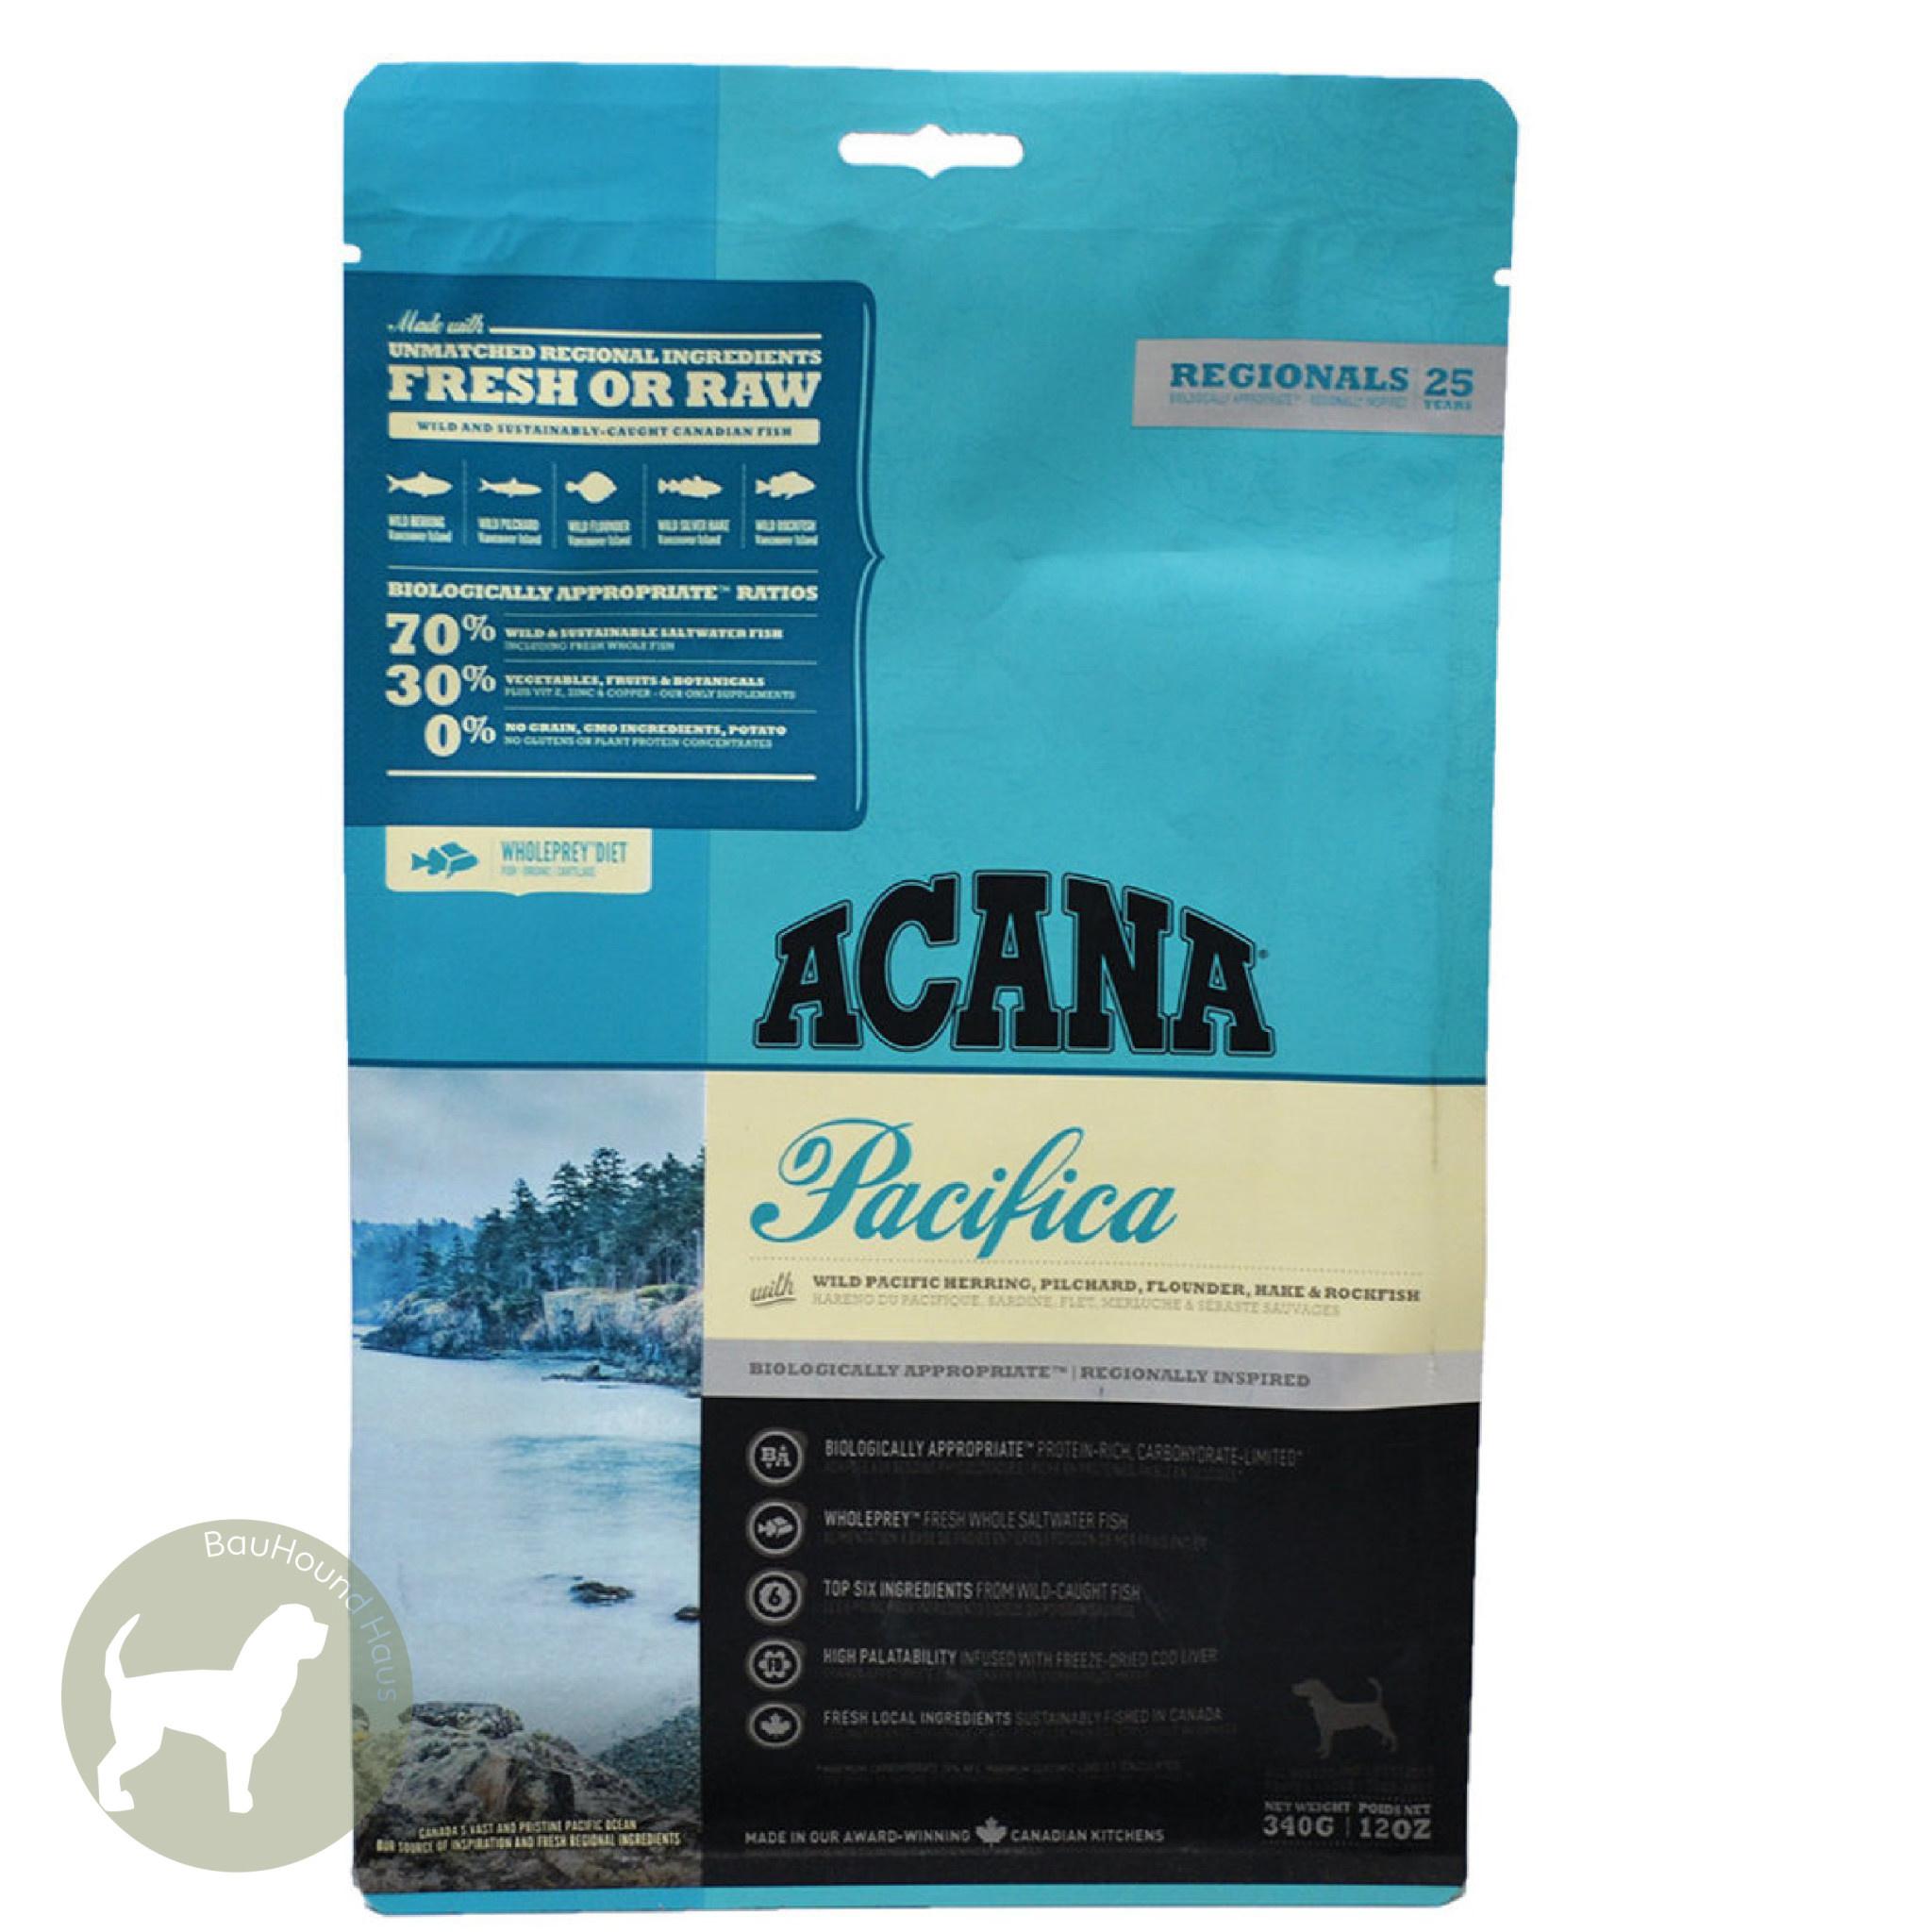 Acana Acana REGIONALS Pacifica Kibble, 2kg